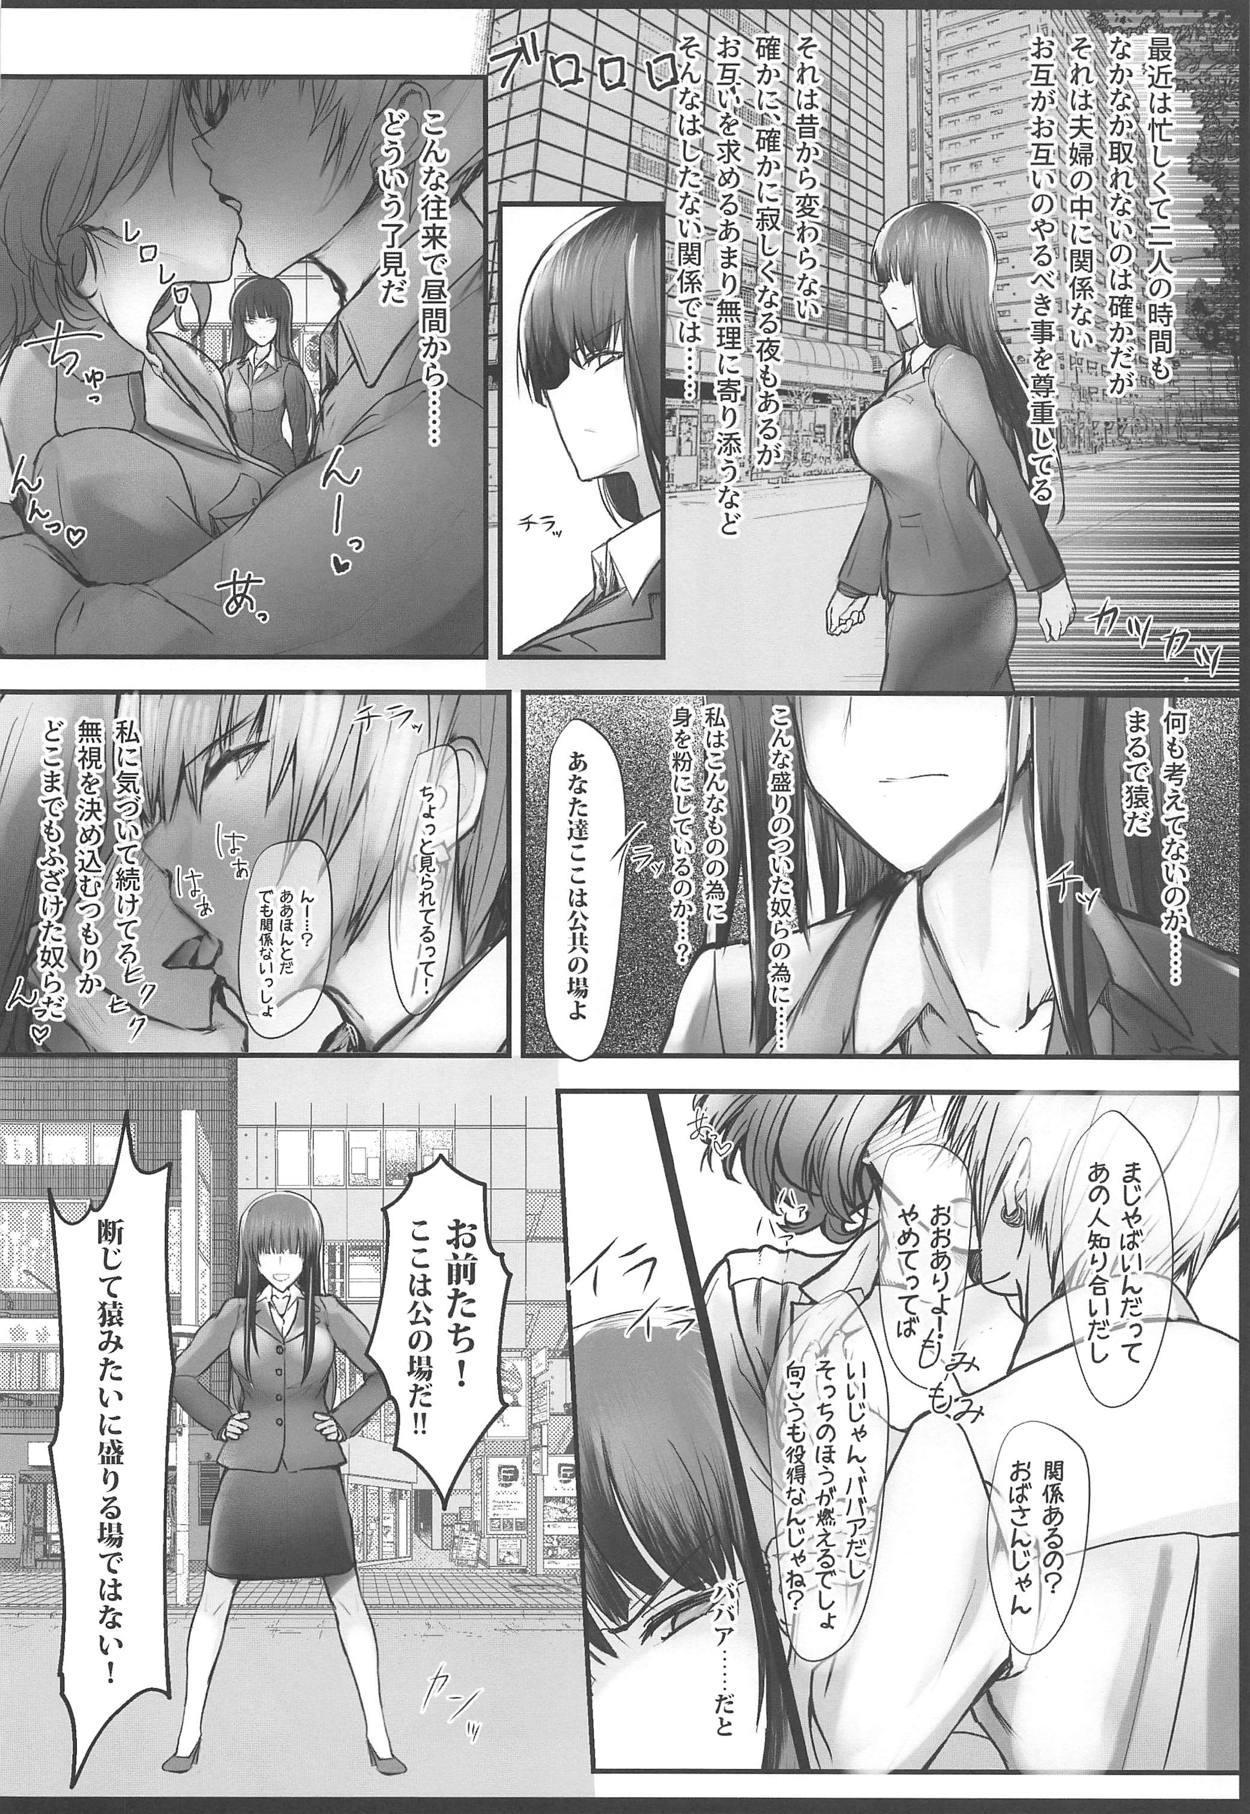 (COMIC1☆15) [Flaming Dragon (Bouto)] Tsuyoi Sensha no Kowashikata NTR Zenpen -Nishizumi-ryuu Iemoto Nishizumi Shiho Shihan no Baai- (Girls und Panzer) 4